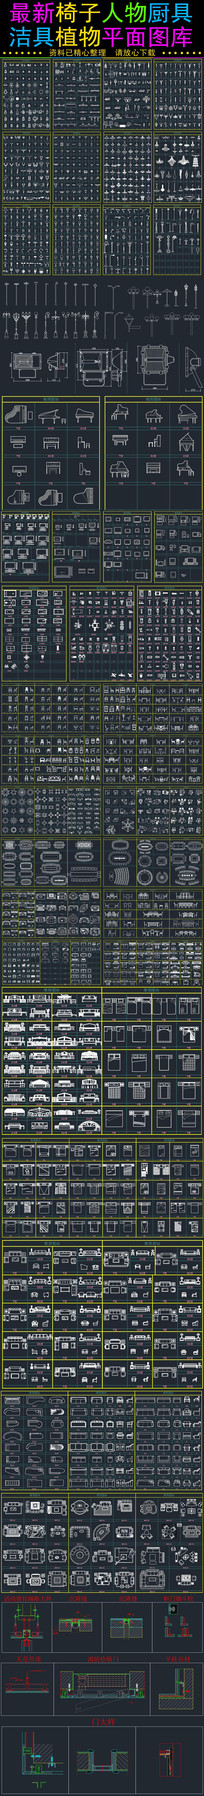 施工图制作标准图集图库